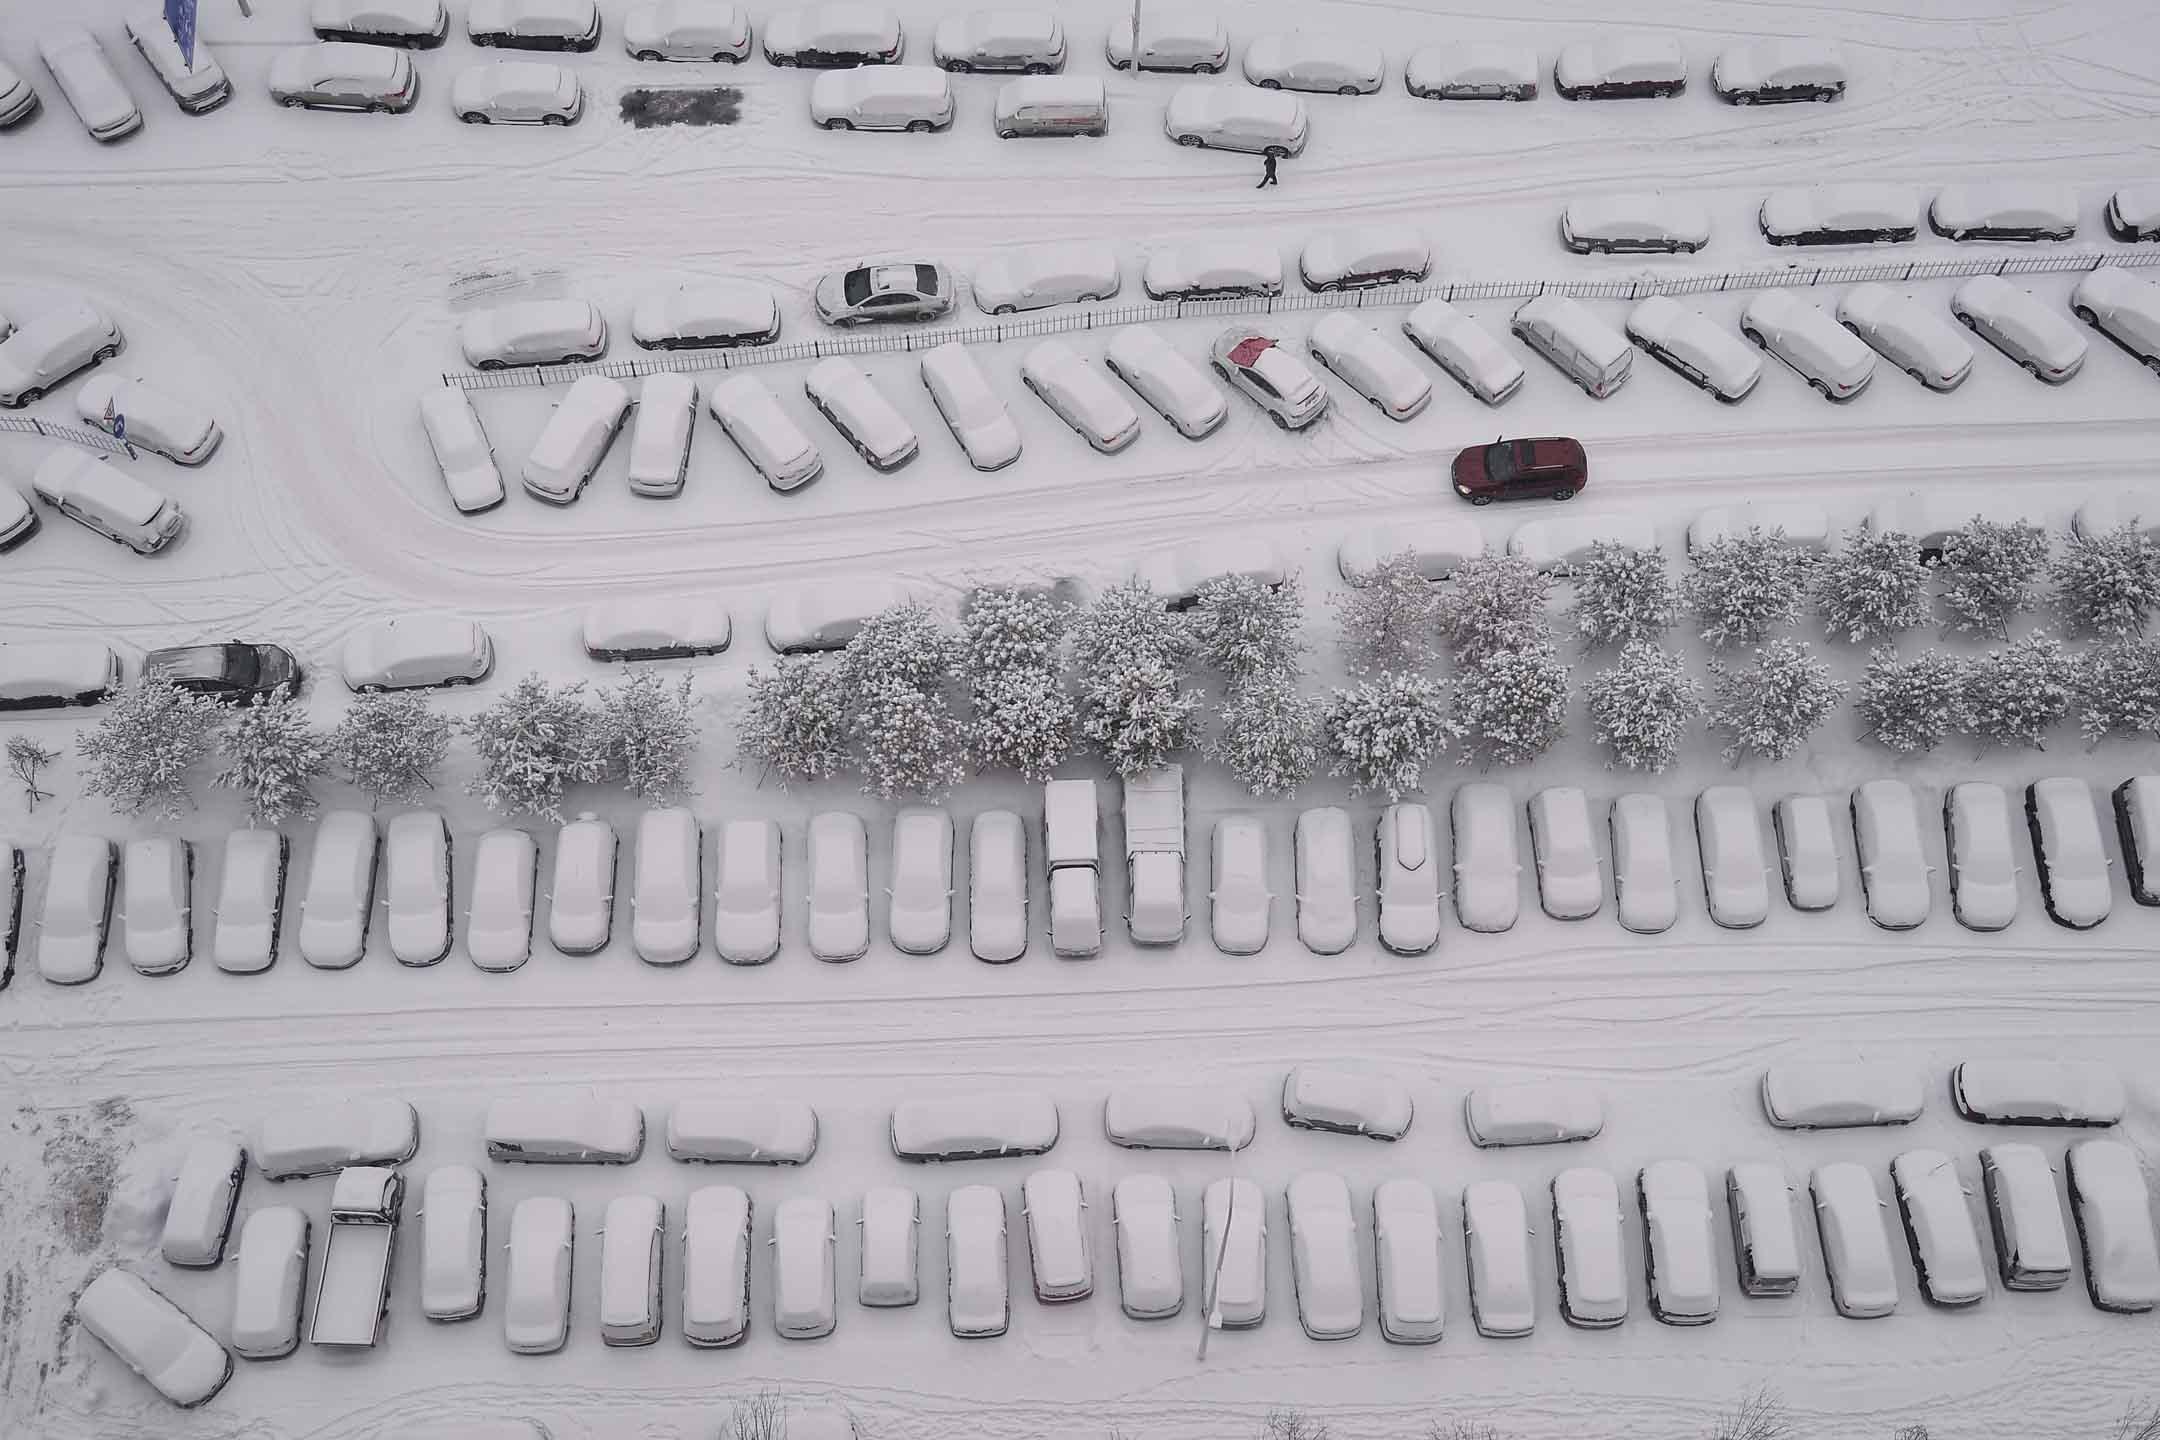 2020年2月22日,黑龍江哈爾濱市降雪,被積雪覆蓋的車輛。